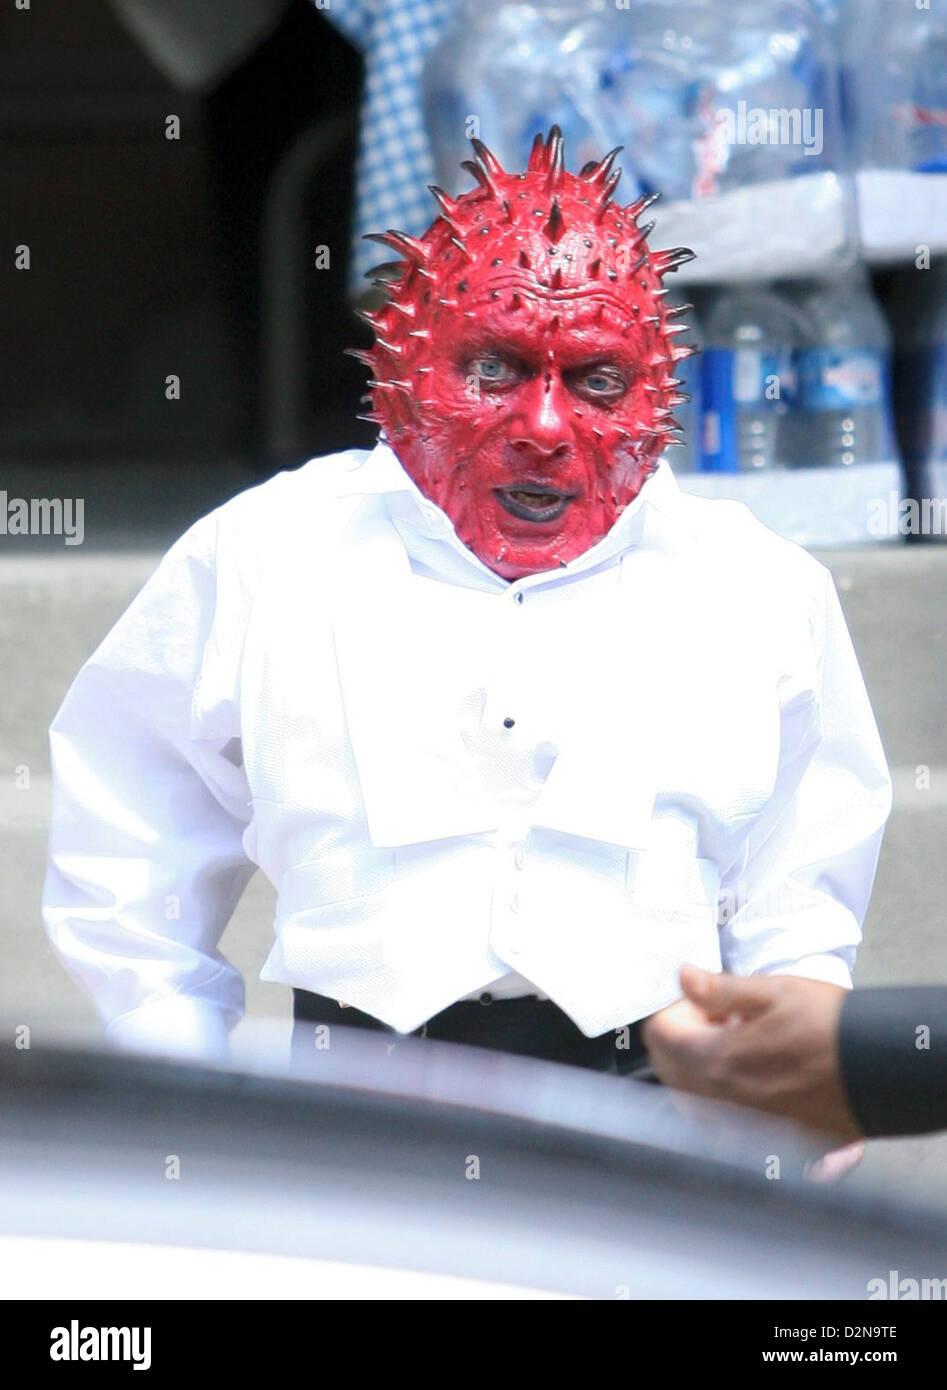 Schauspieler Jimmy Vee am Set als die stacheligen rote Alien ...